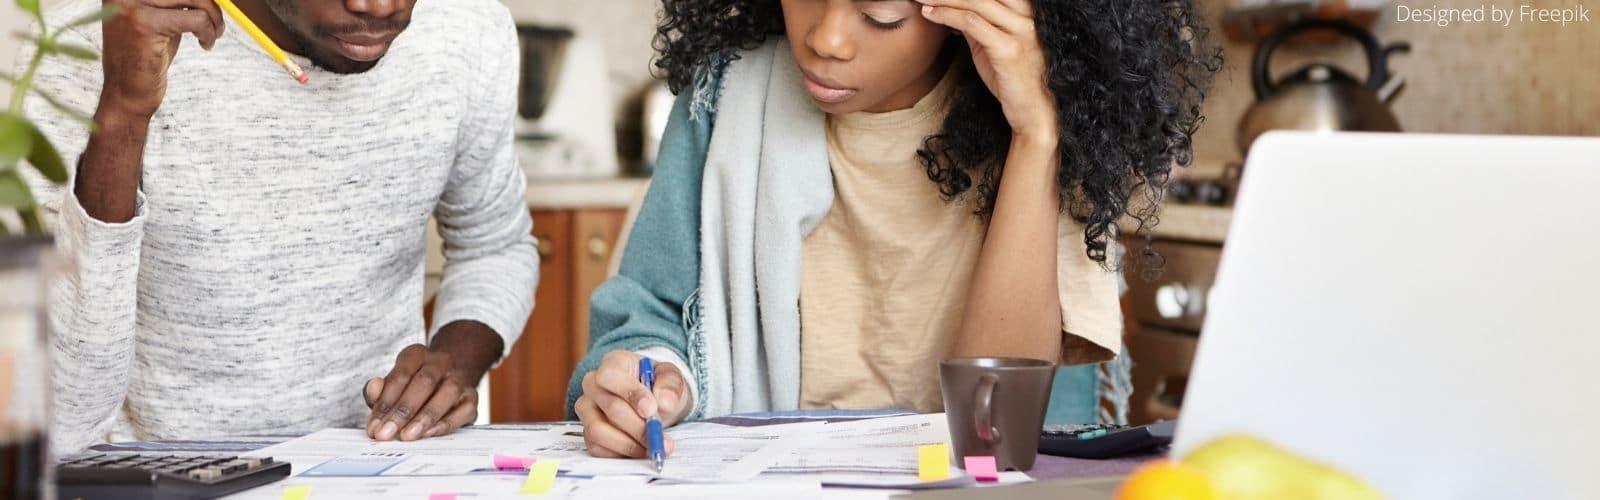 Tarif nounou à domicile : quelle rémunération proposer ?